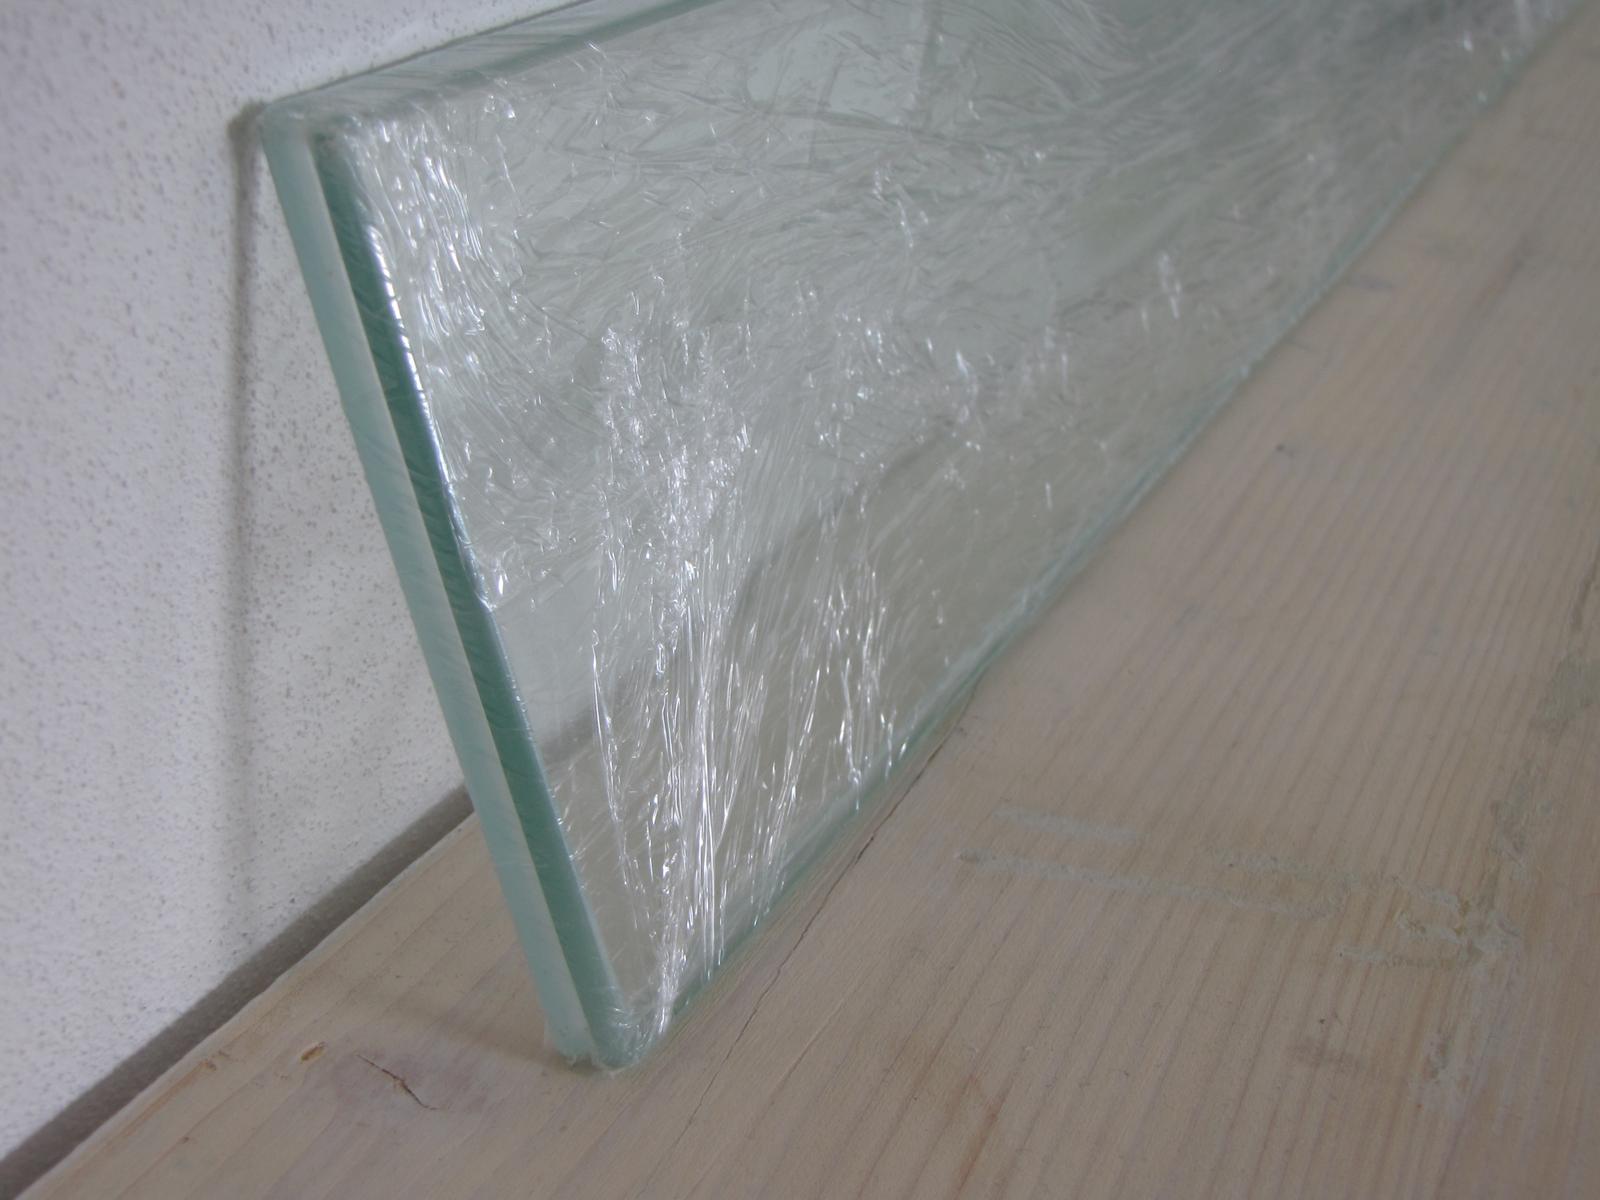 sklenené police - Obrázok č. 1